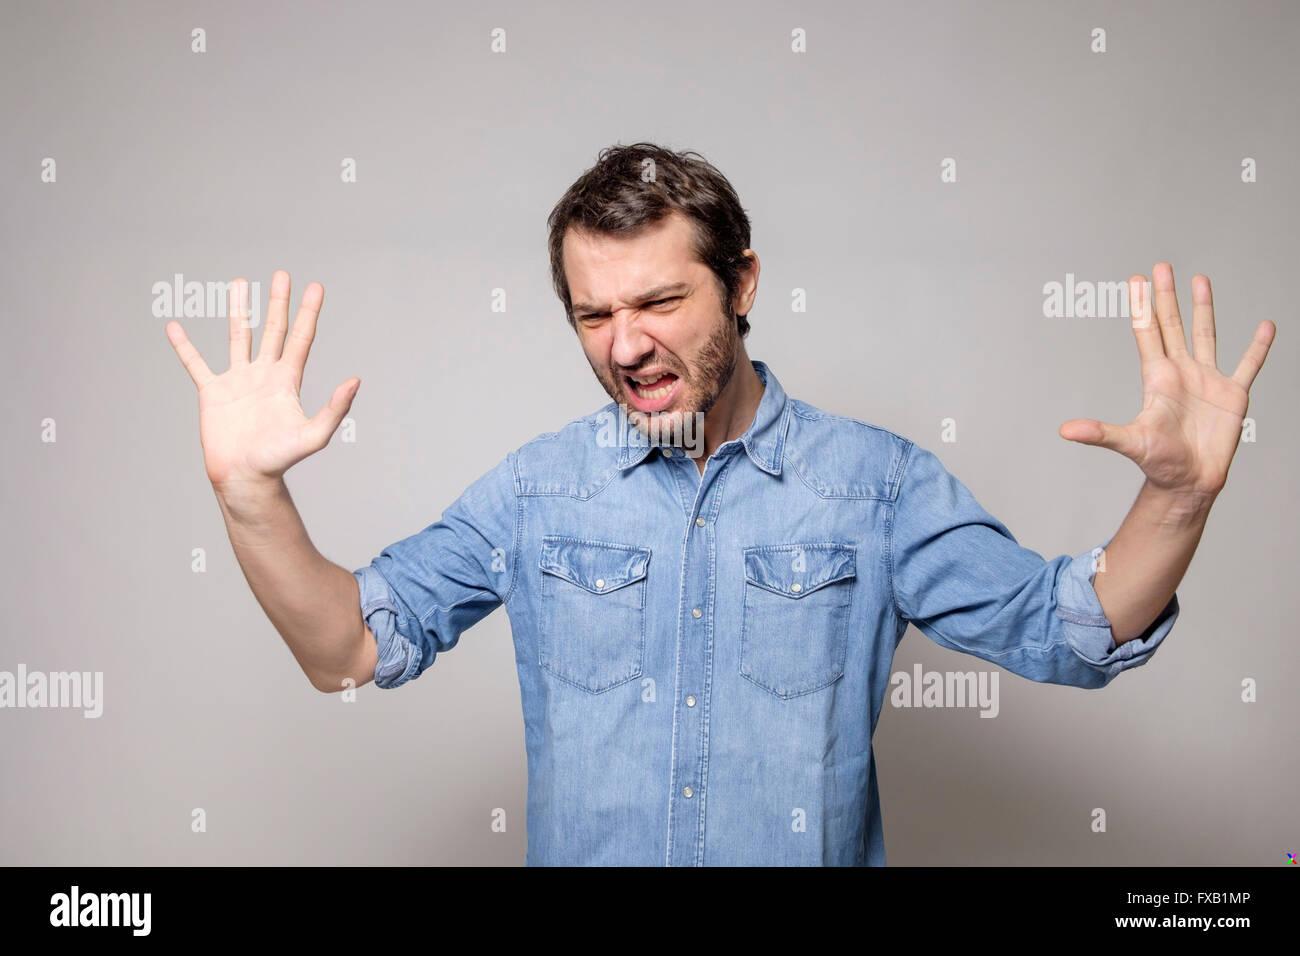 L'uomo arrabbiato su sfondo grigio isolato Immagini Stock